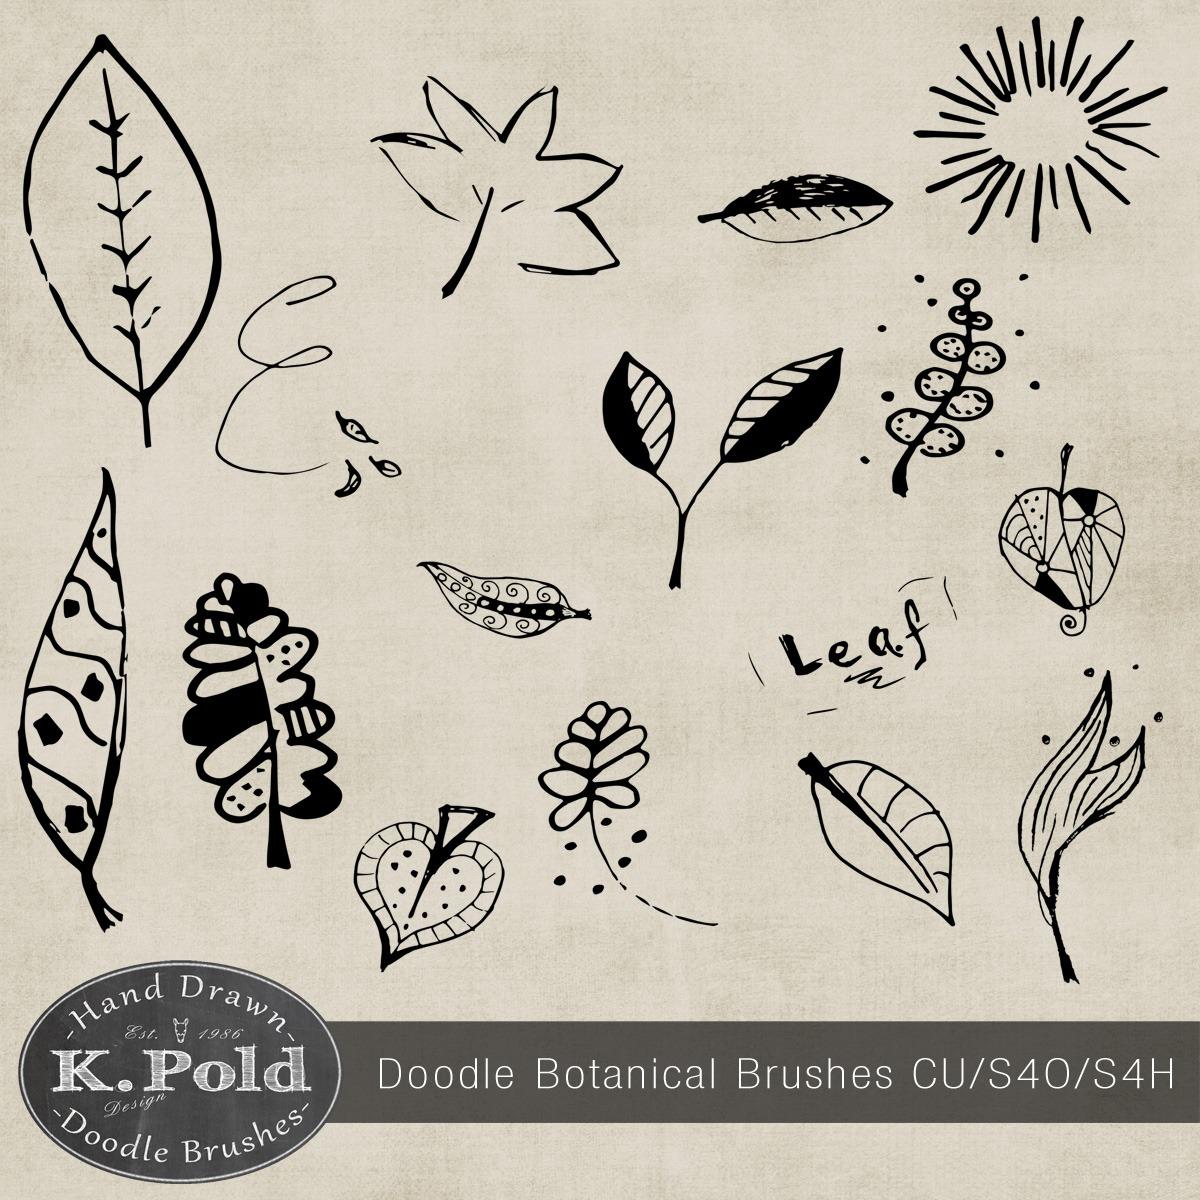 Botanical Doodle Photoshop Brushes Photoshop brush